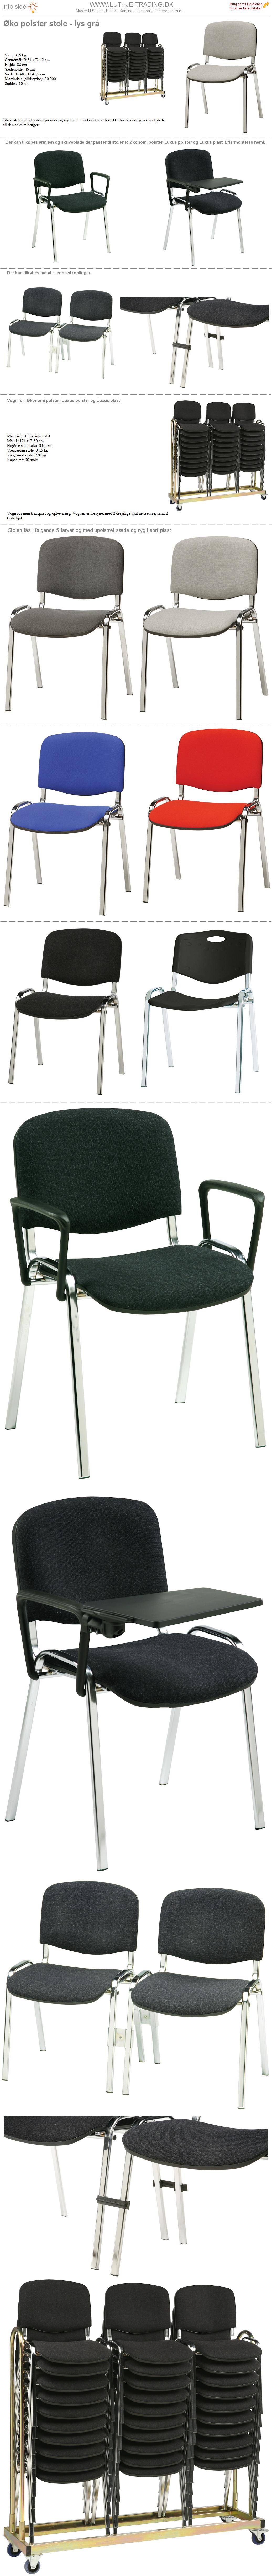 Øko stabelstole lysgrå polster